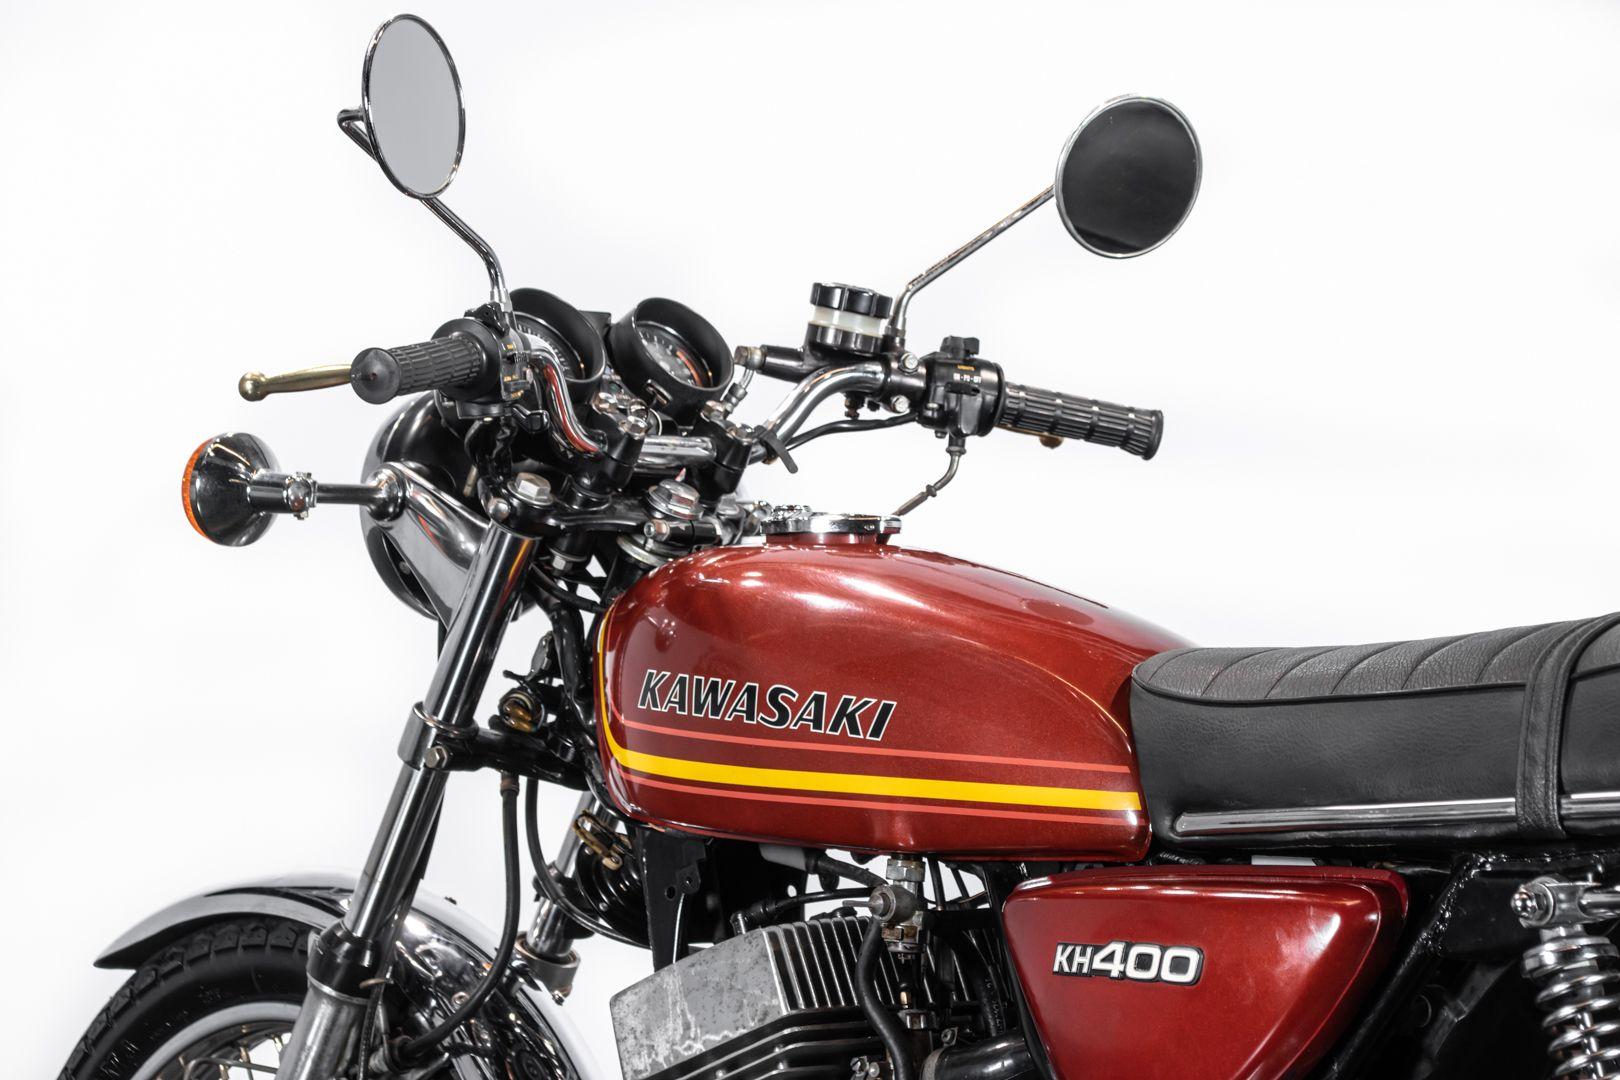 1976 Kawasaki KH 400 MACH III 78855